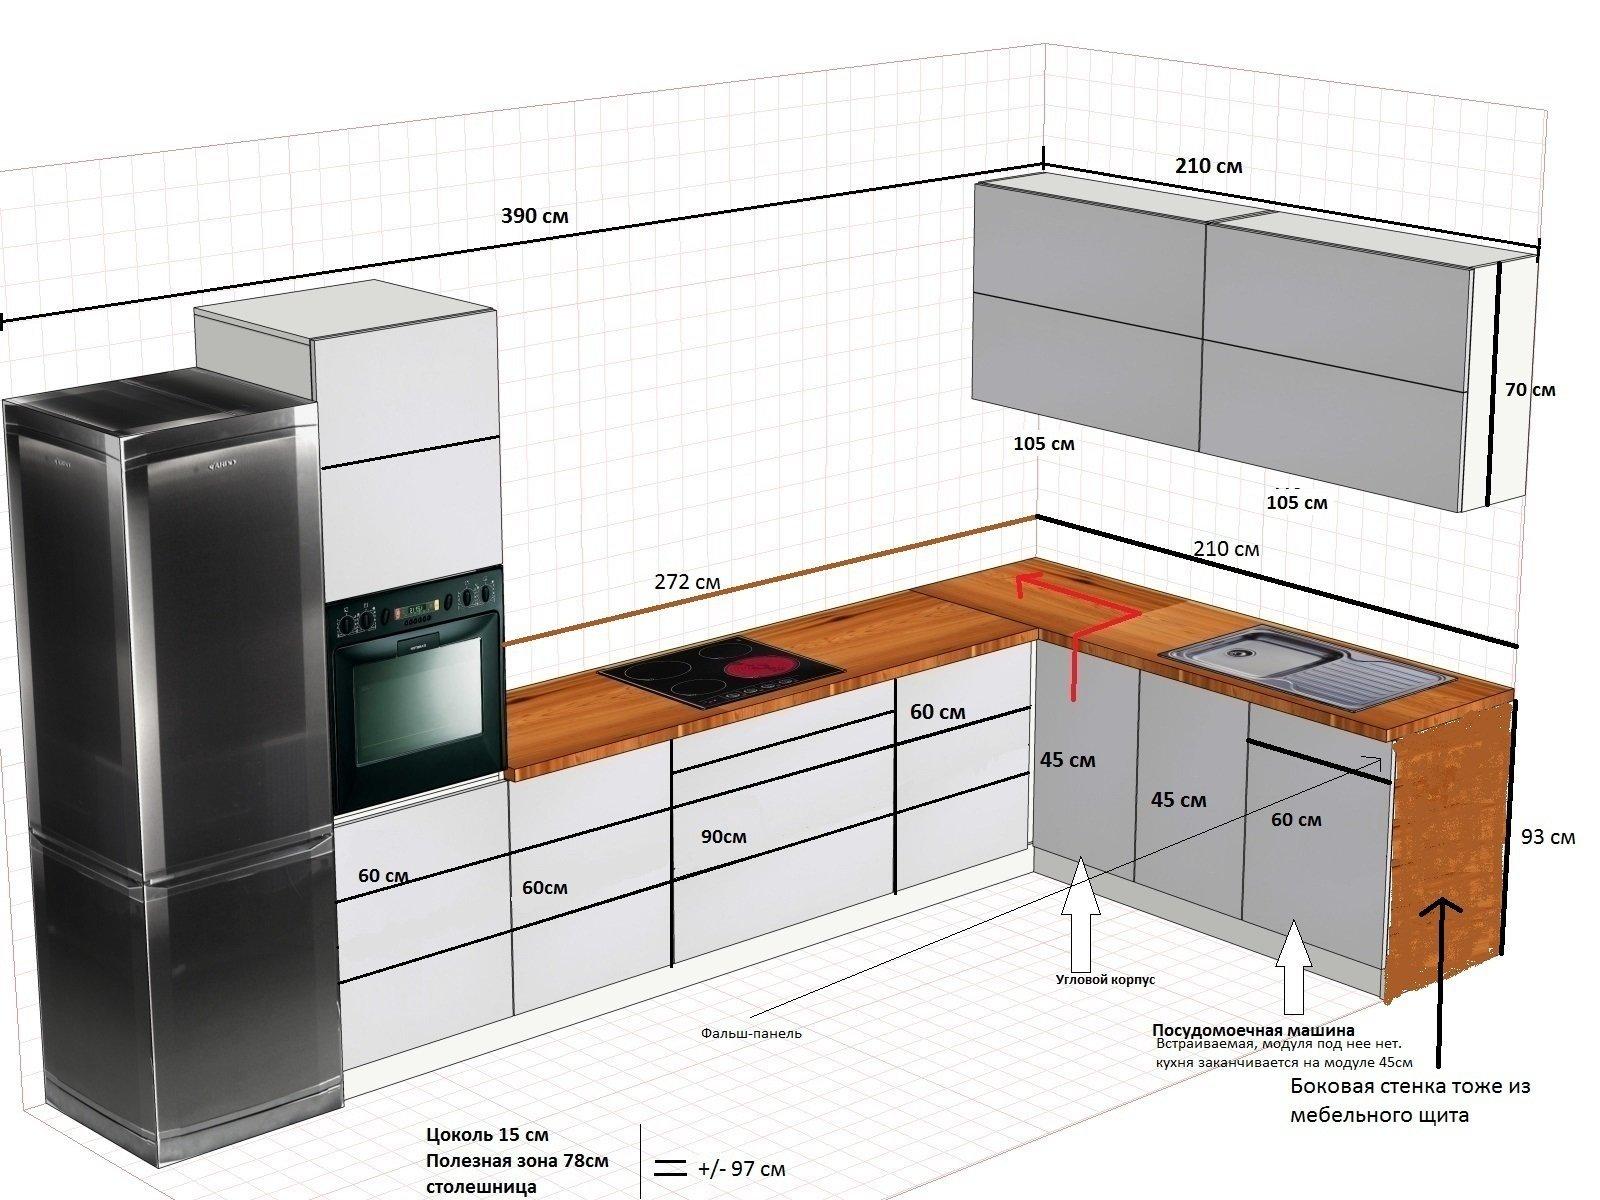 Схема расстановки техники на кухне